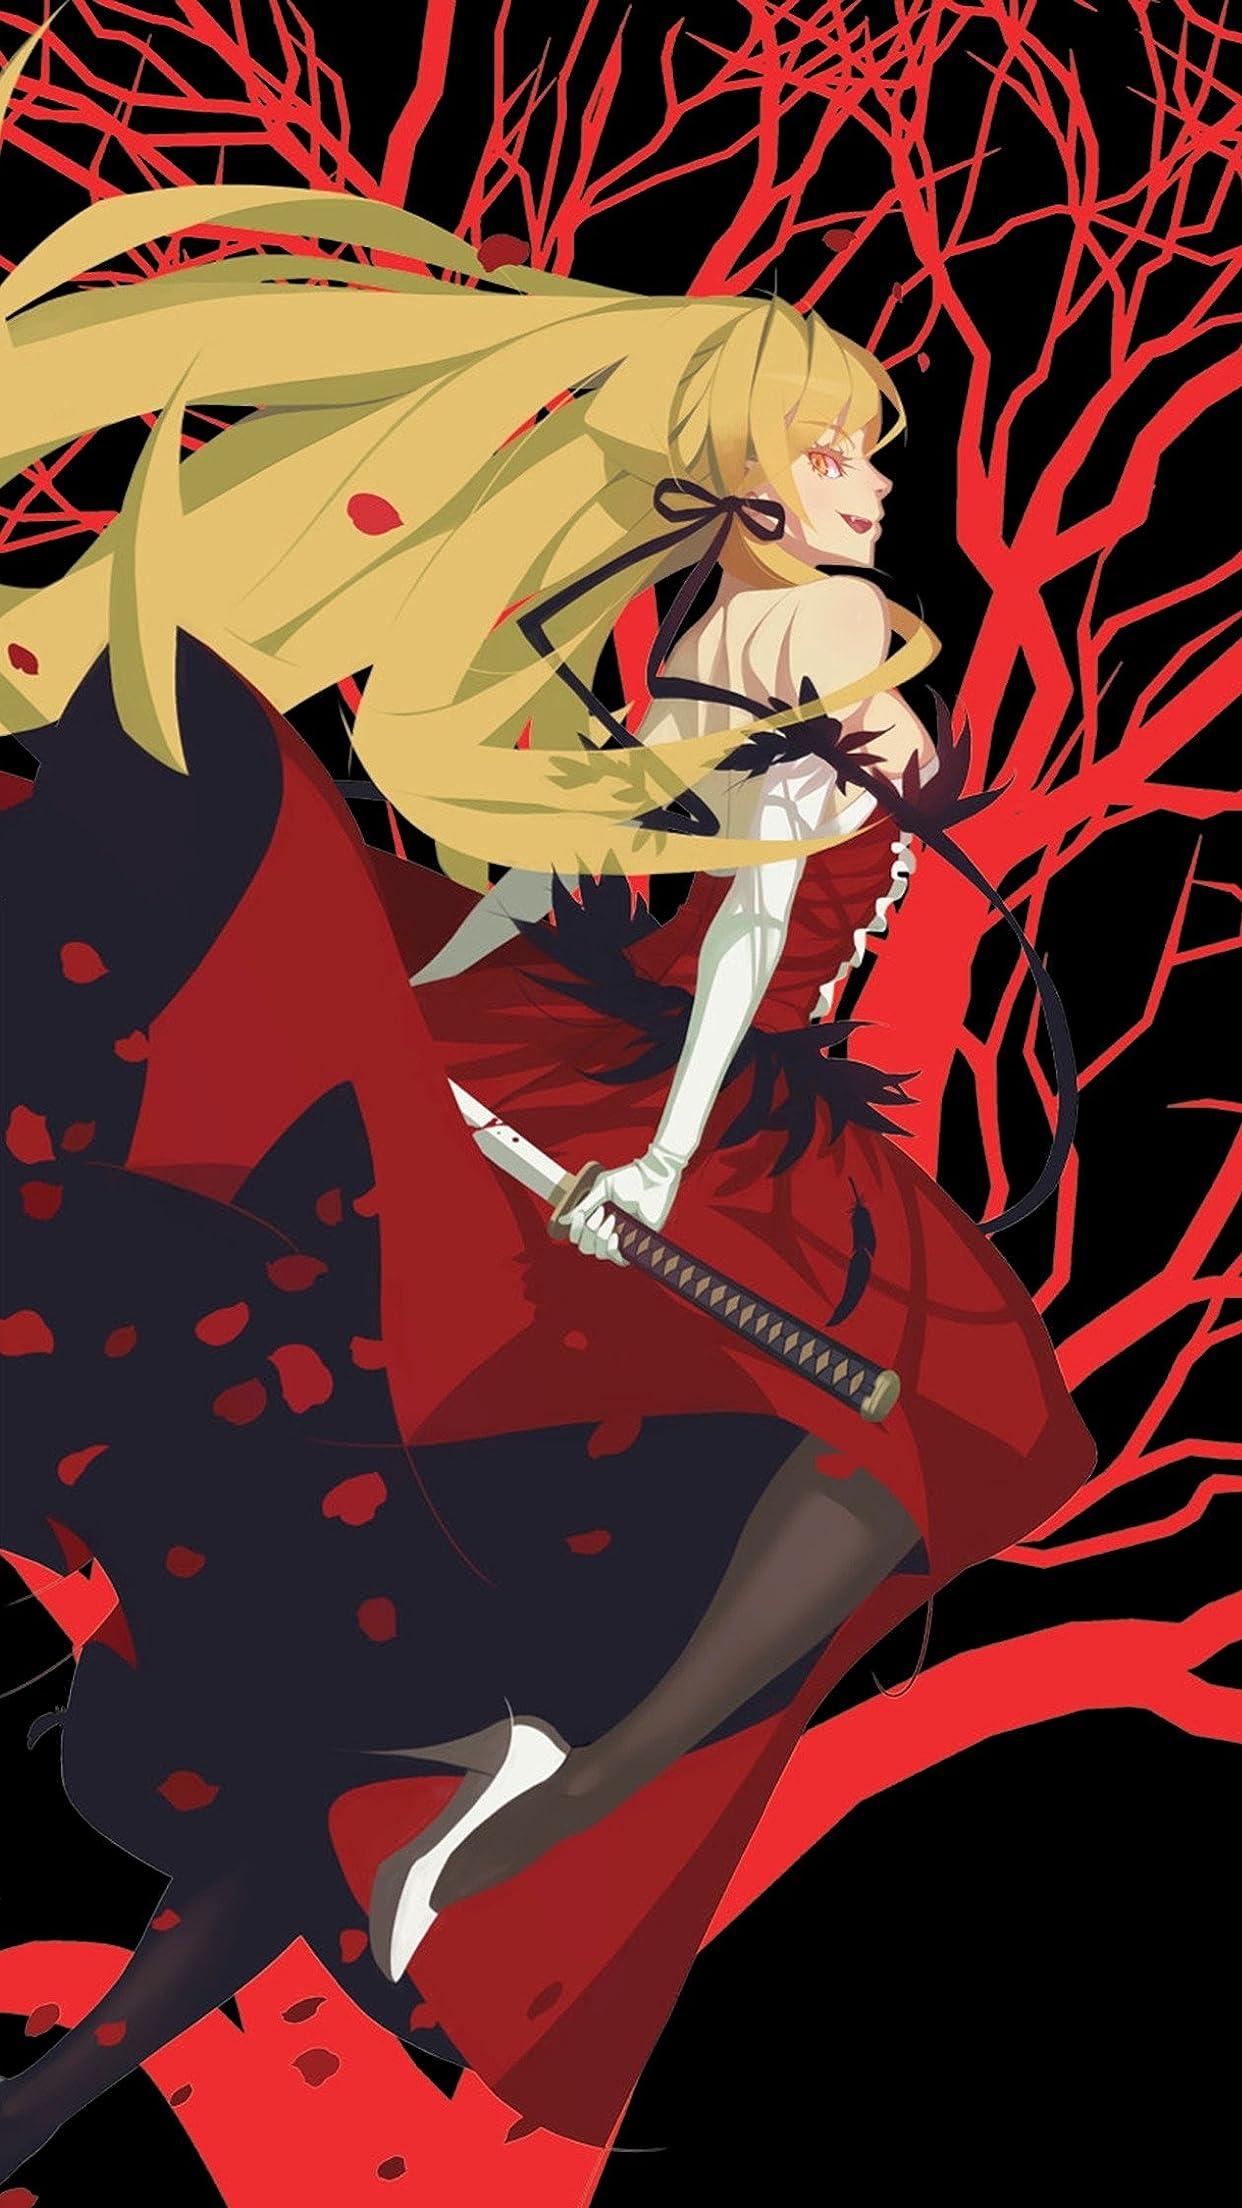 黒×赤背景のキスショットの縦壁紙